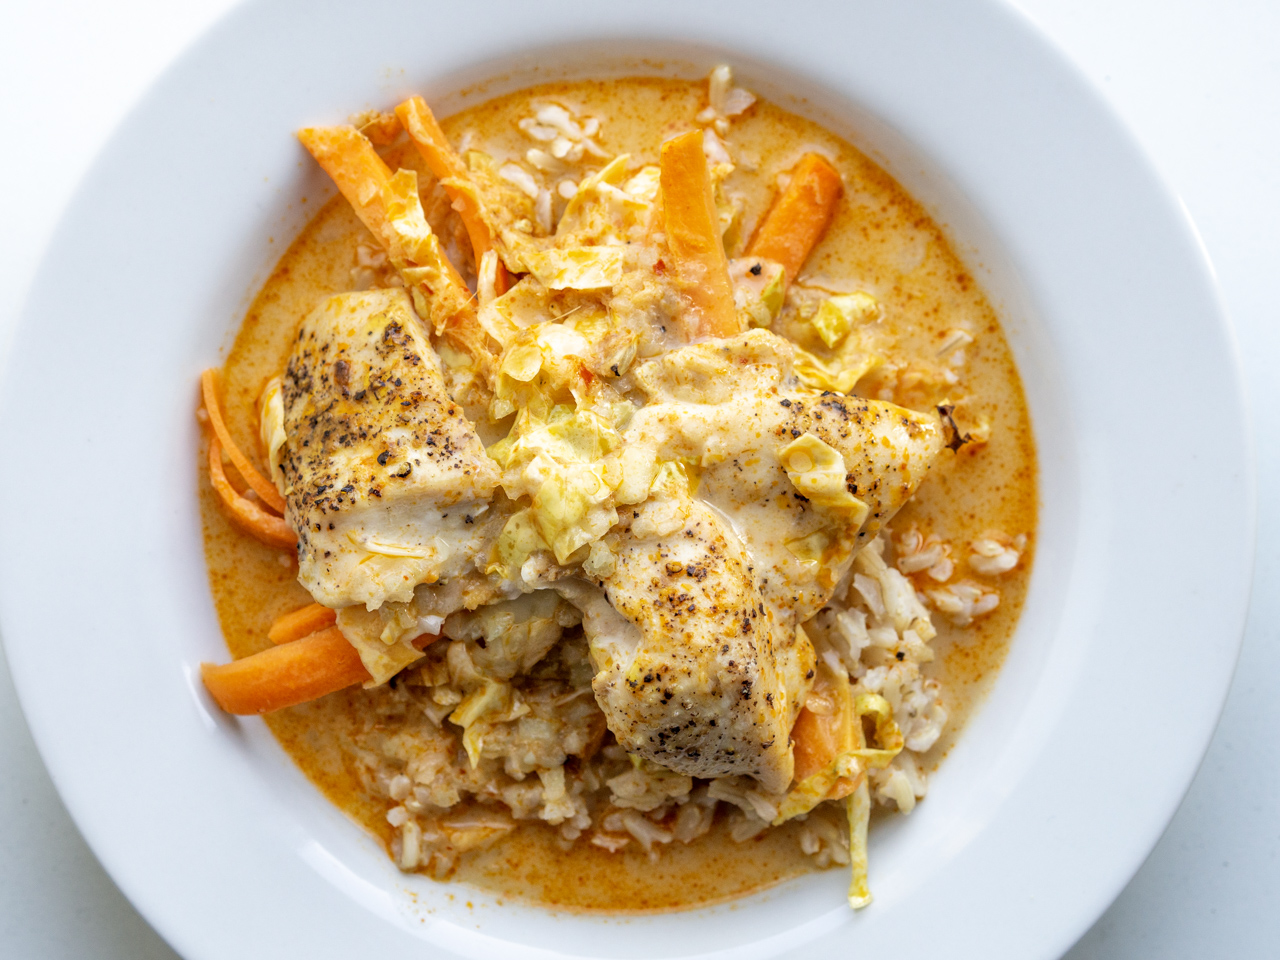 Opskrift på Kylling med spidskål, gulerødder i kokos- og karry sauce